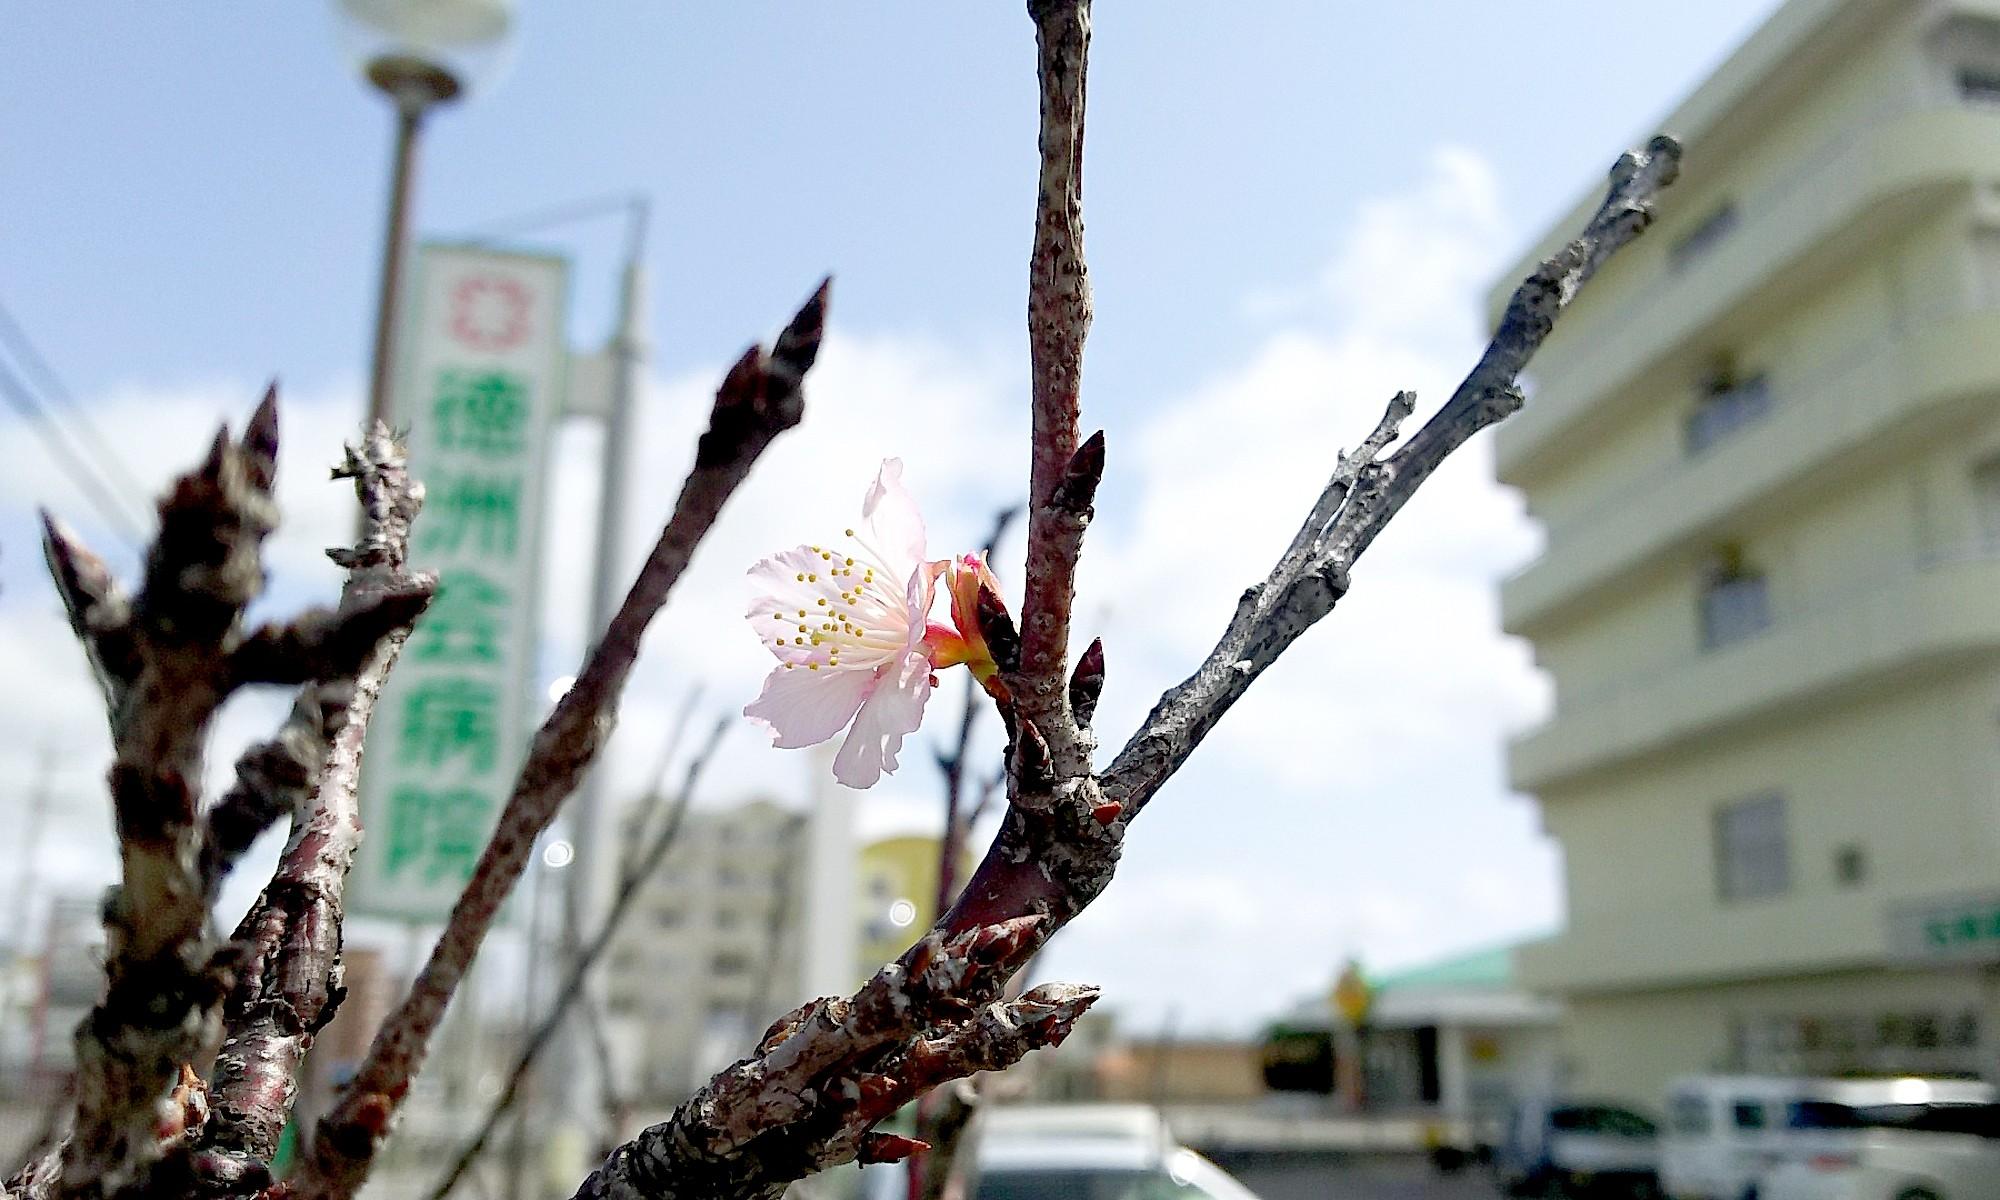 石垣島徳洲会病院の風景